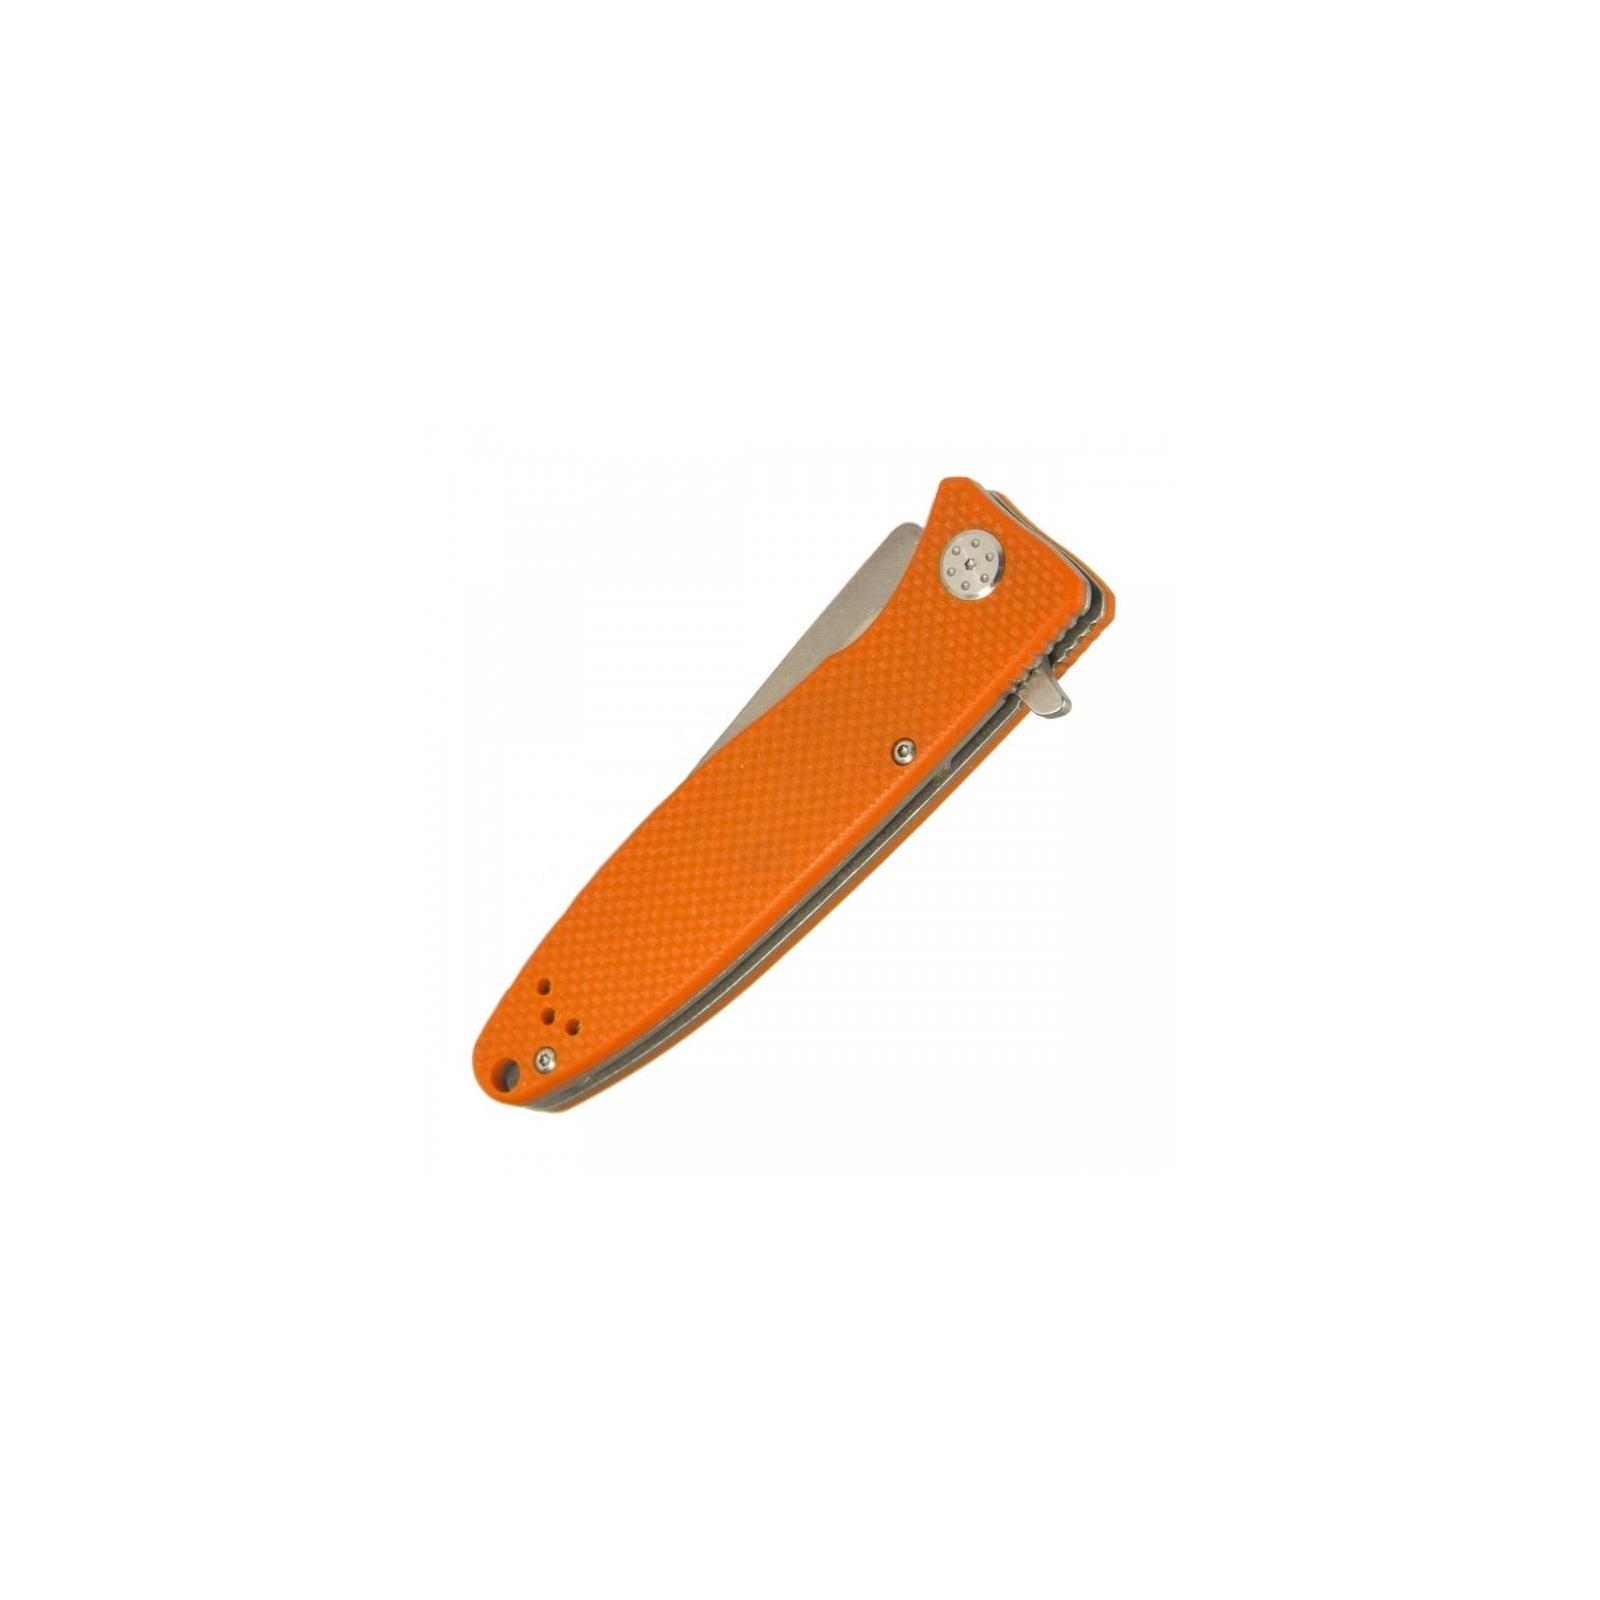 Нож Ganzo G728-OR, оранжевый (G728-OR) изображение 3